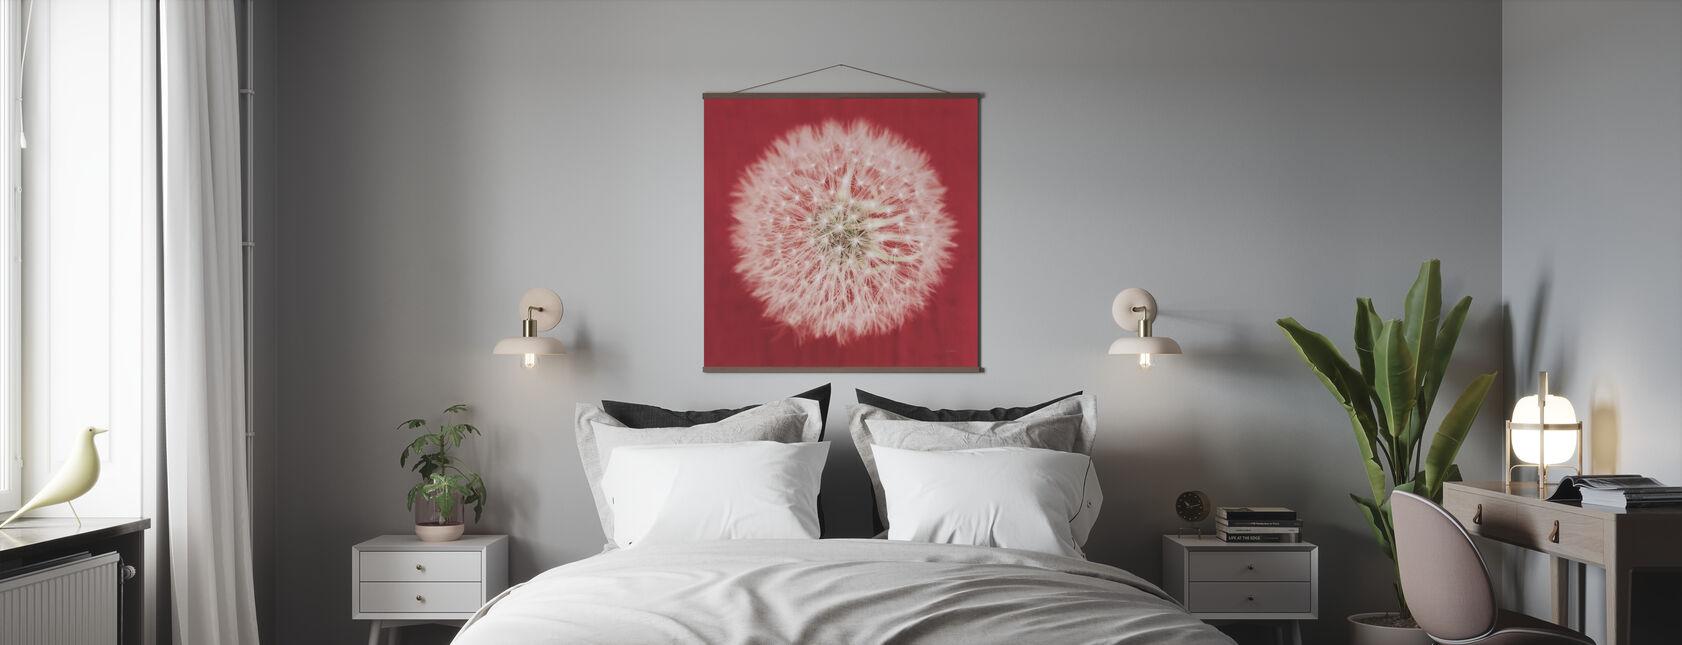 Dente di leone su rosso - Poster - Camera da letto